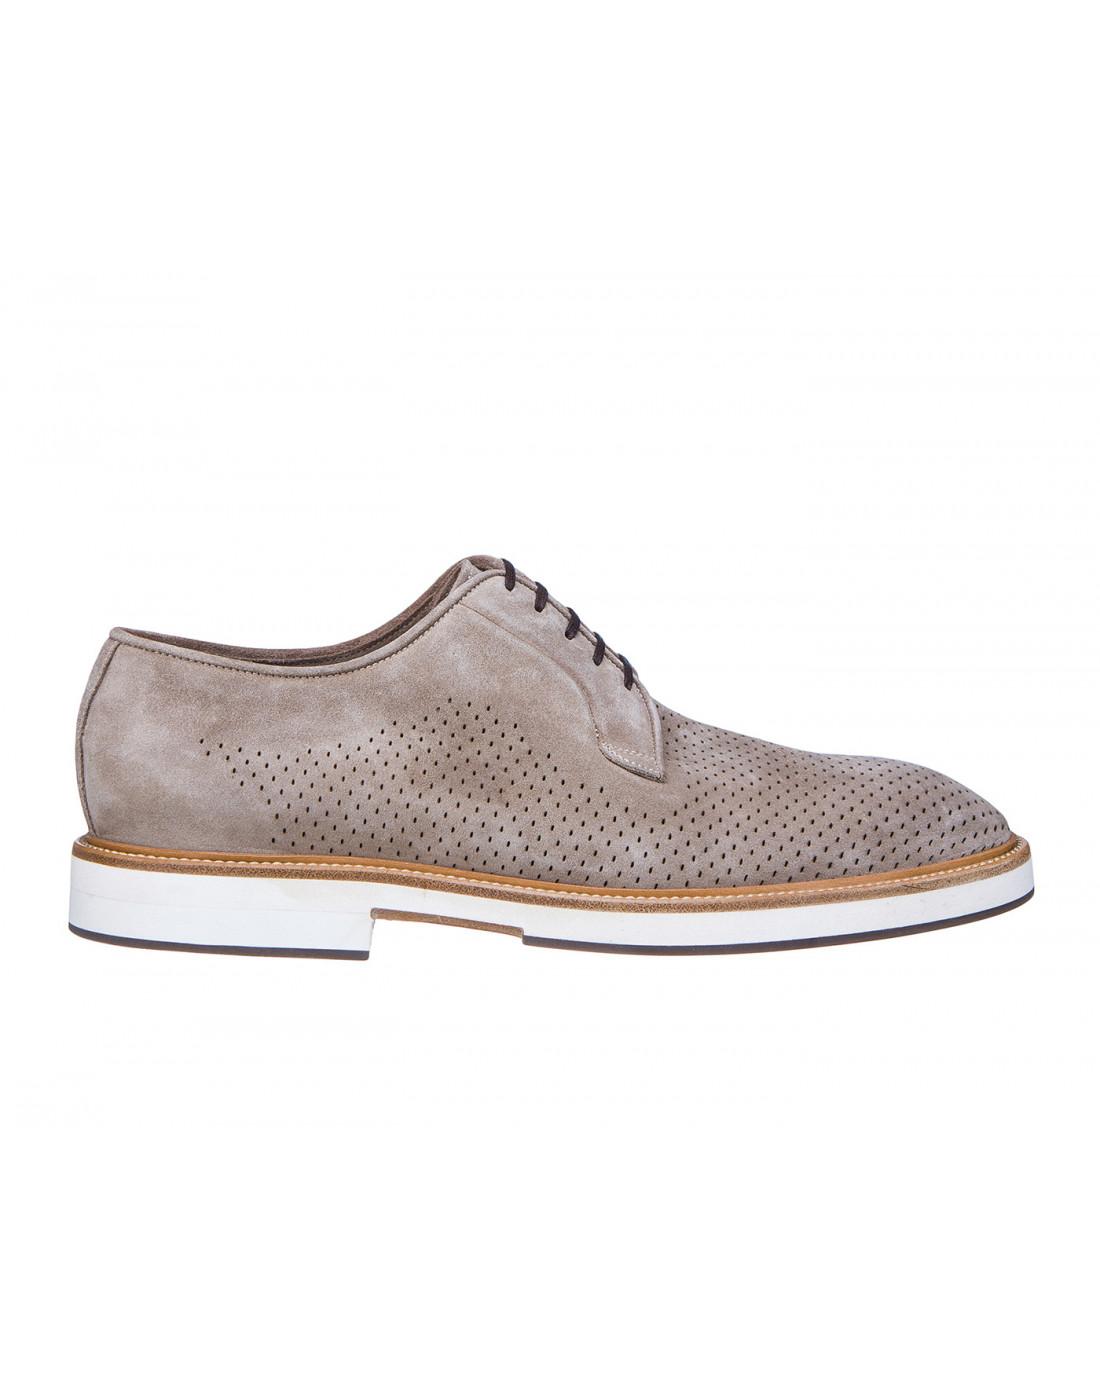 Туфли коричневые мужские Brecos S7521-1